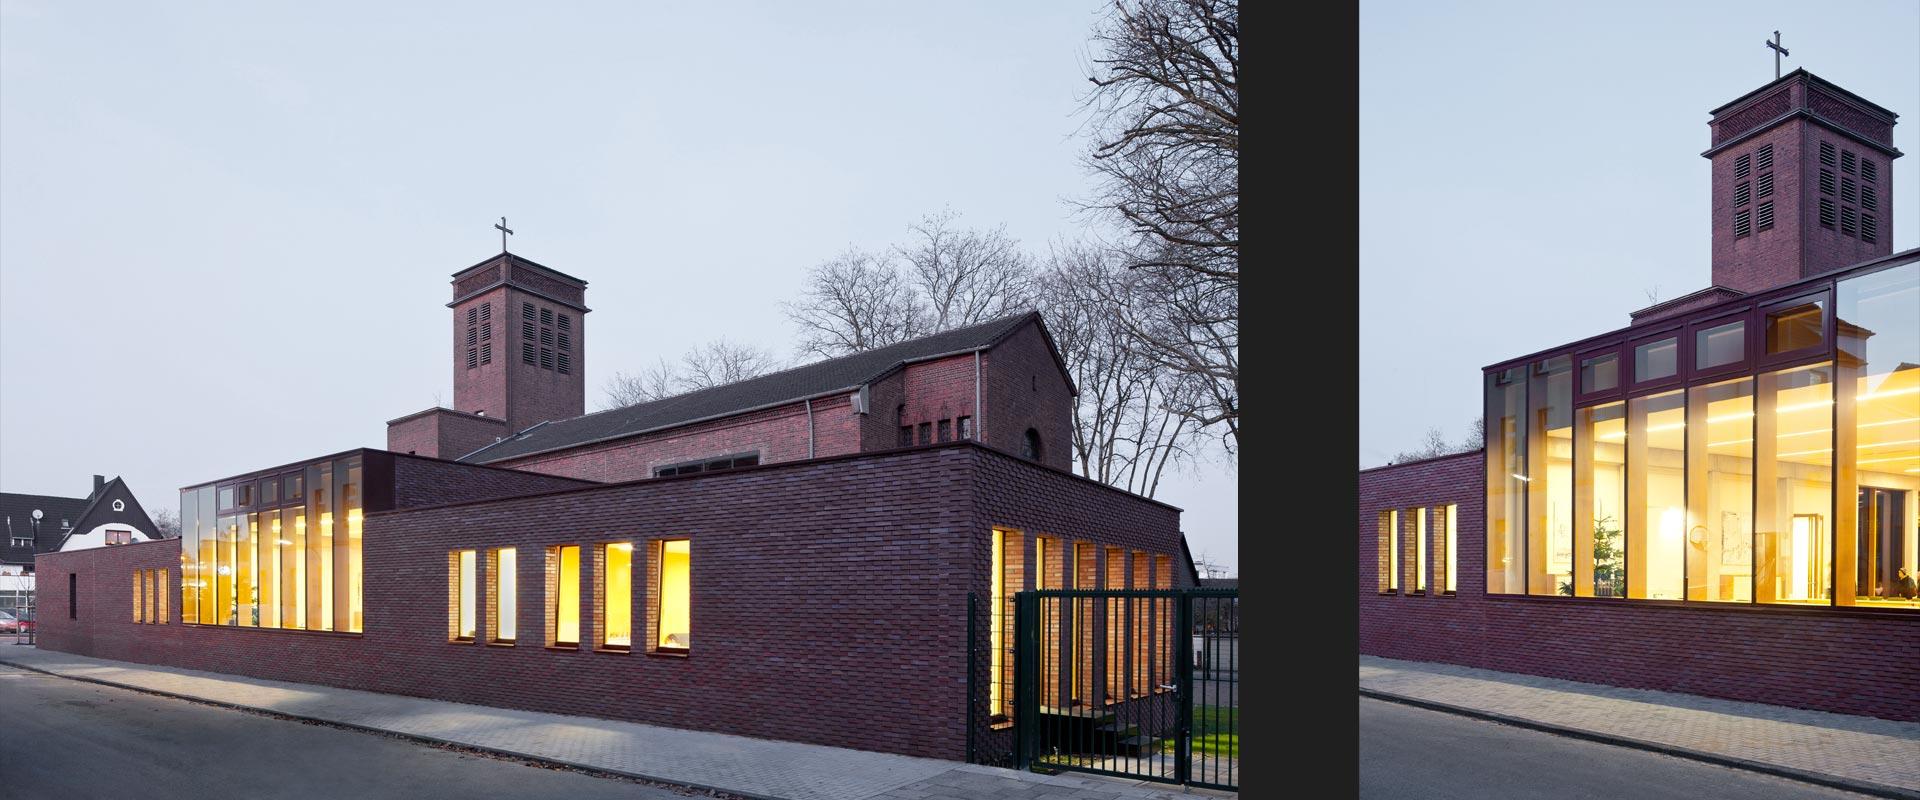 bathe+reber_gemeindehaus_zion051